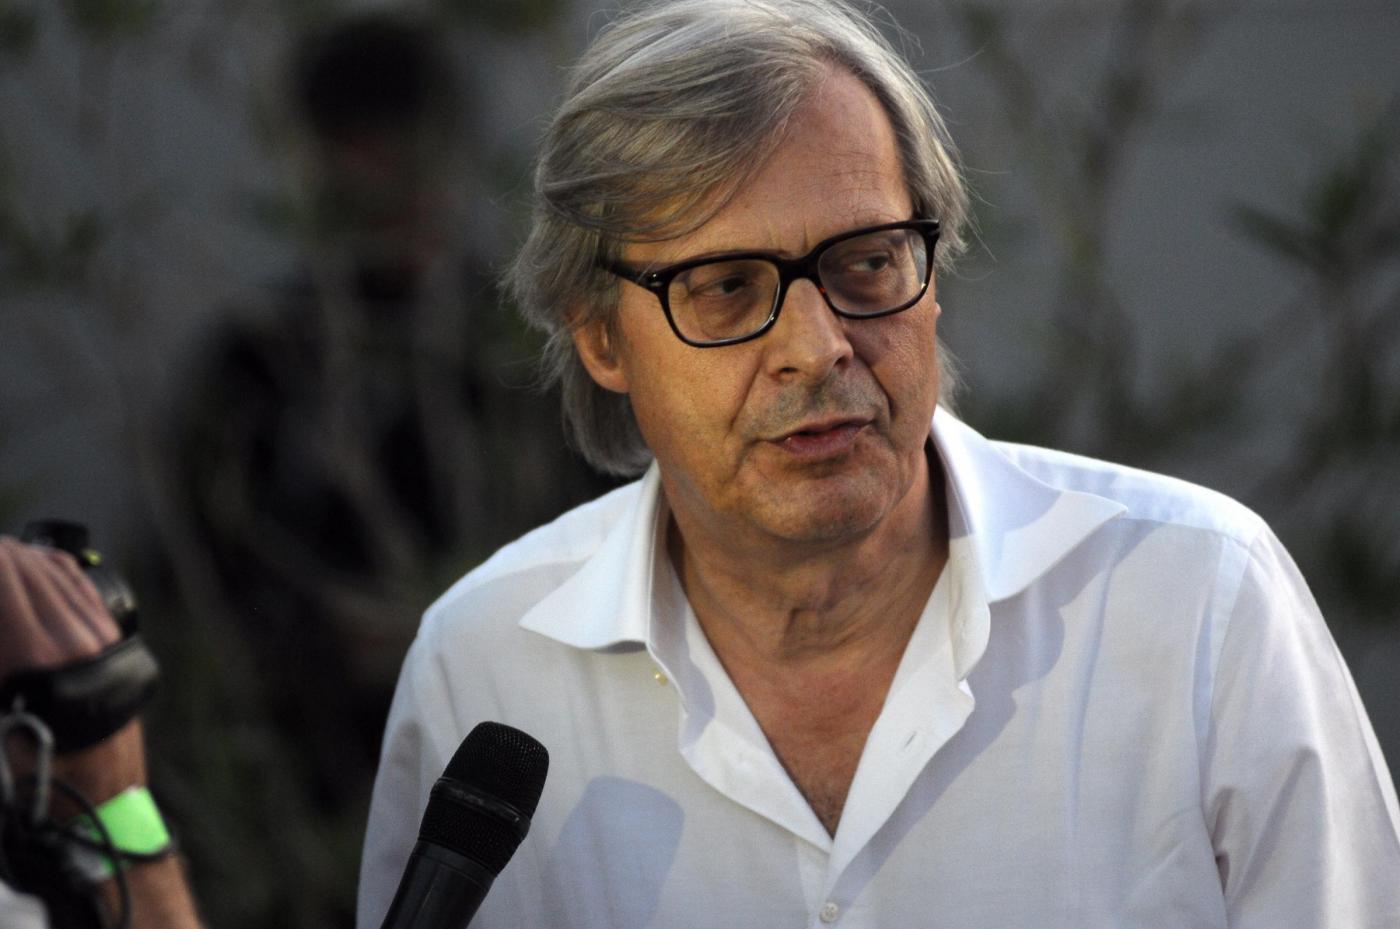 Vittorio Sgarbi senza veli sui social: 'Immotus nec iners'